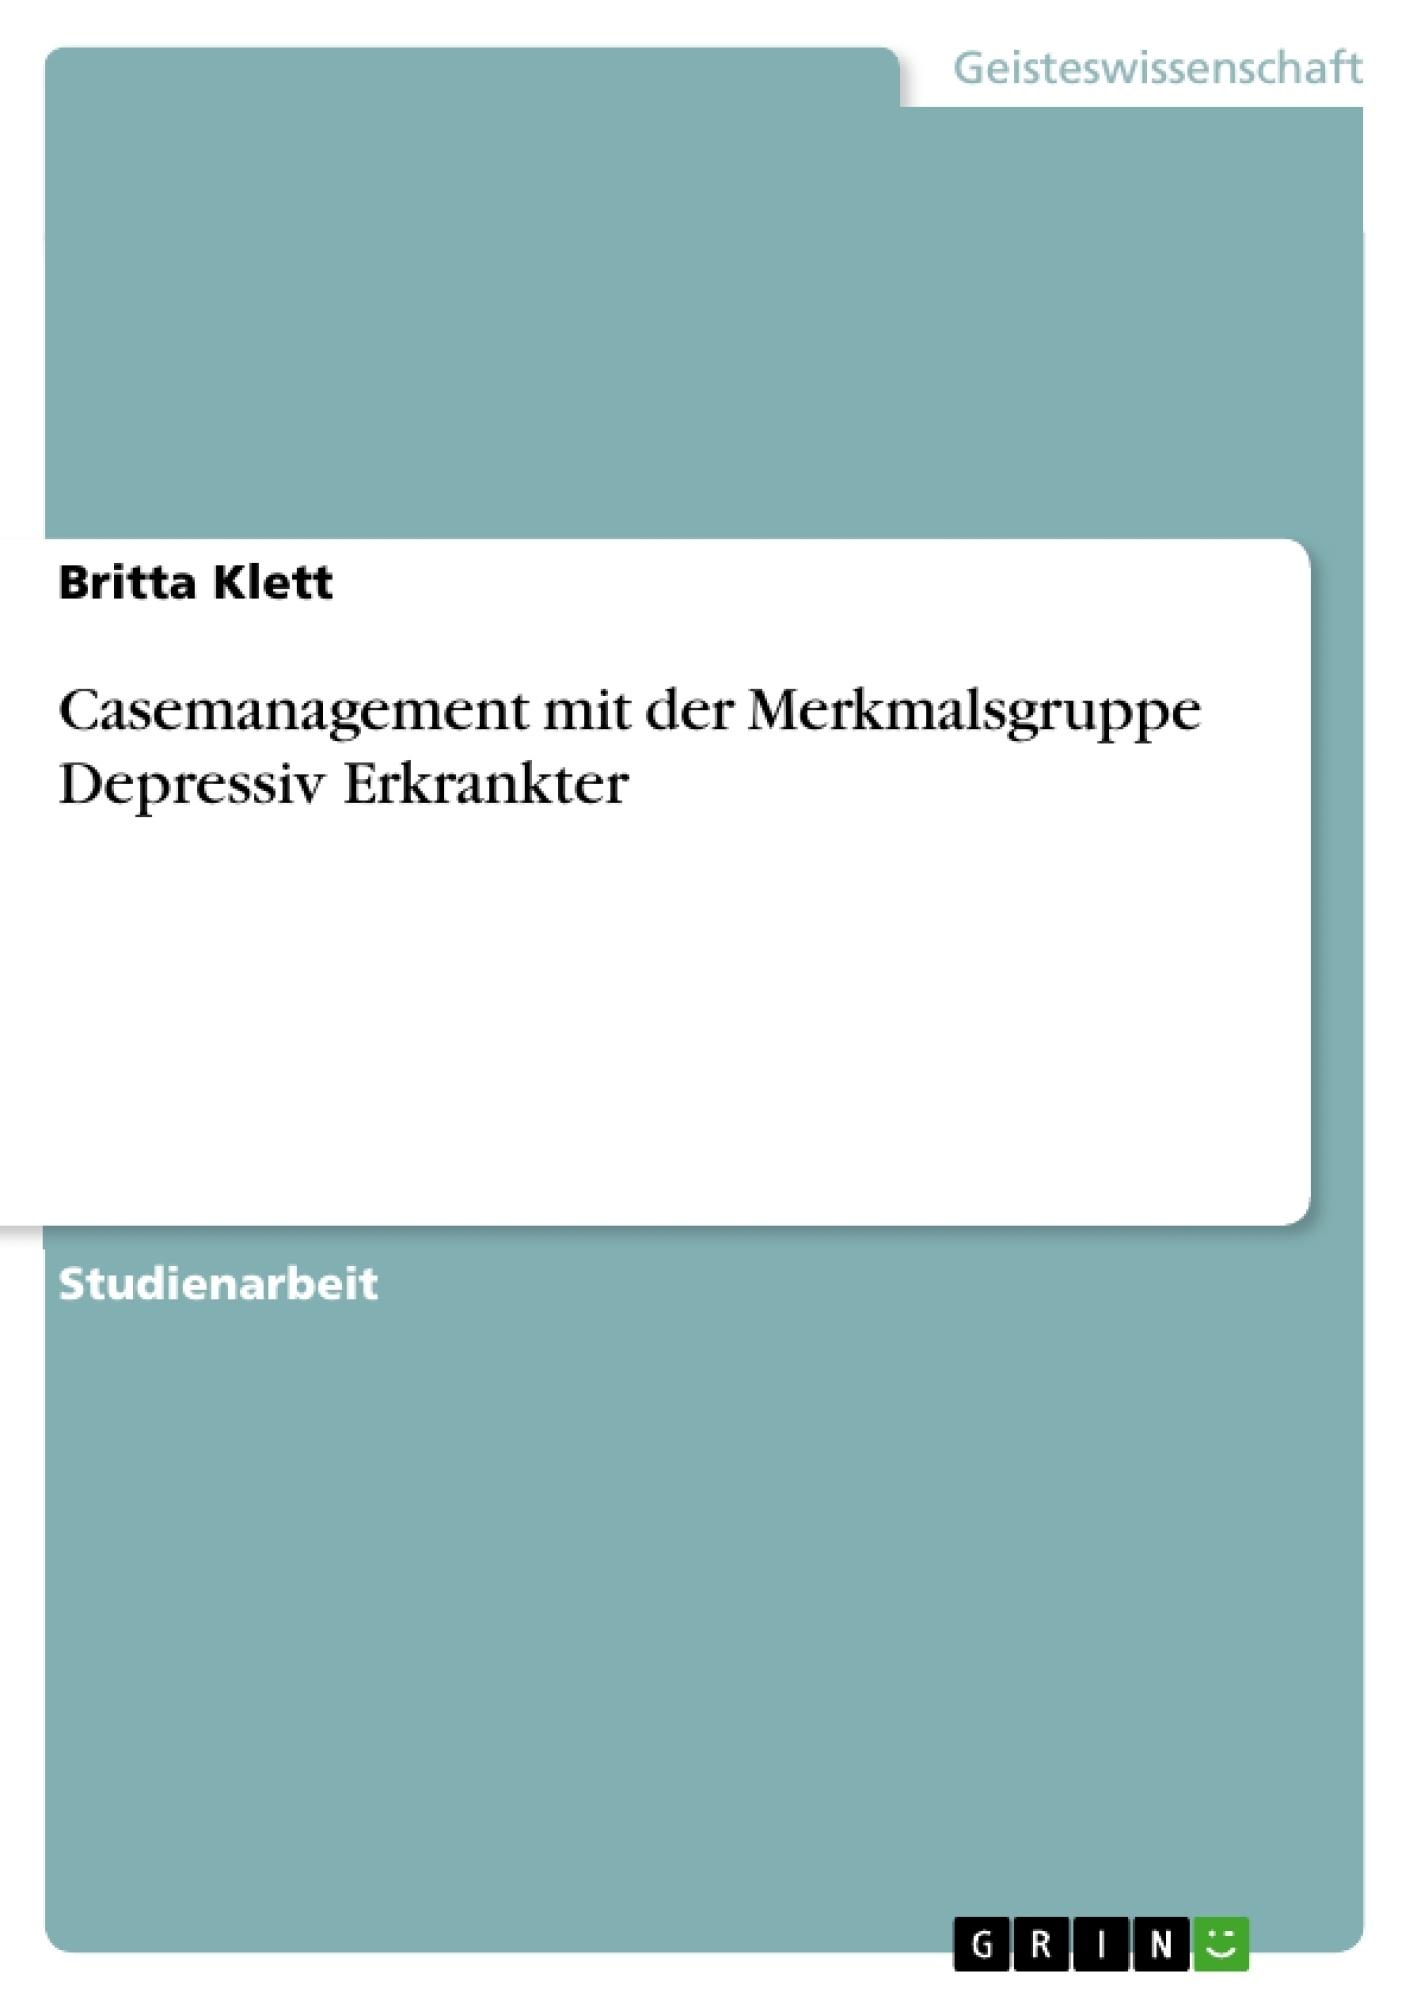 Titel: Casemanagement mit der Merkmalsgruppe Depressiv Erkrankter